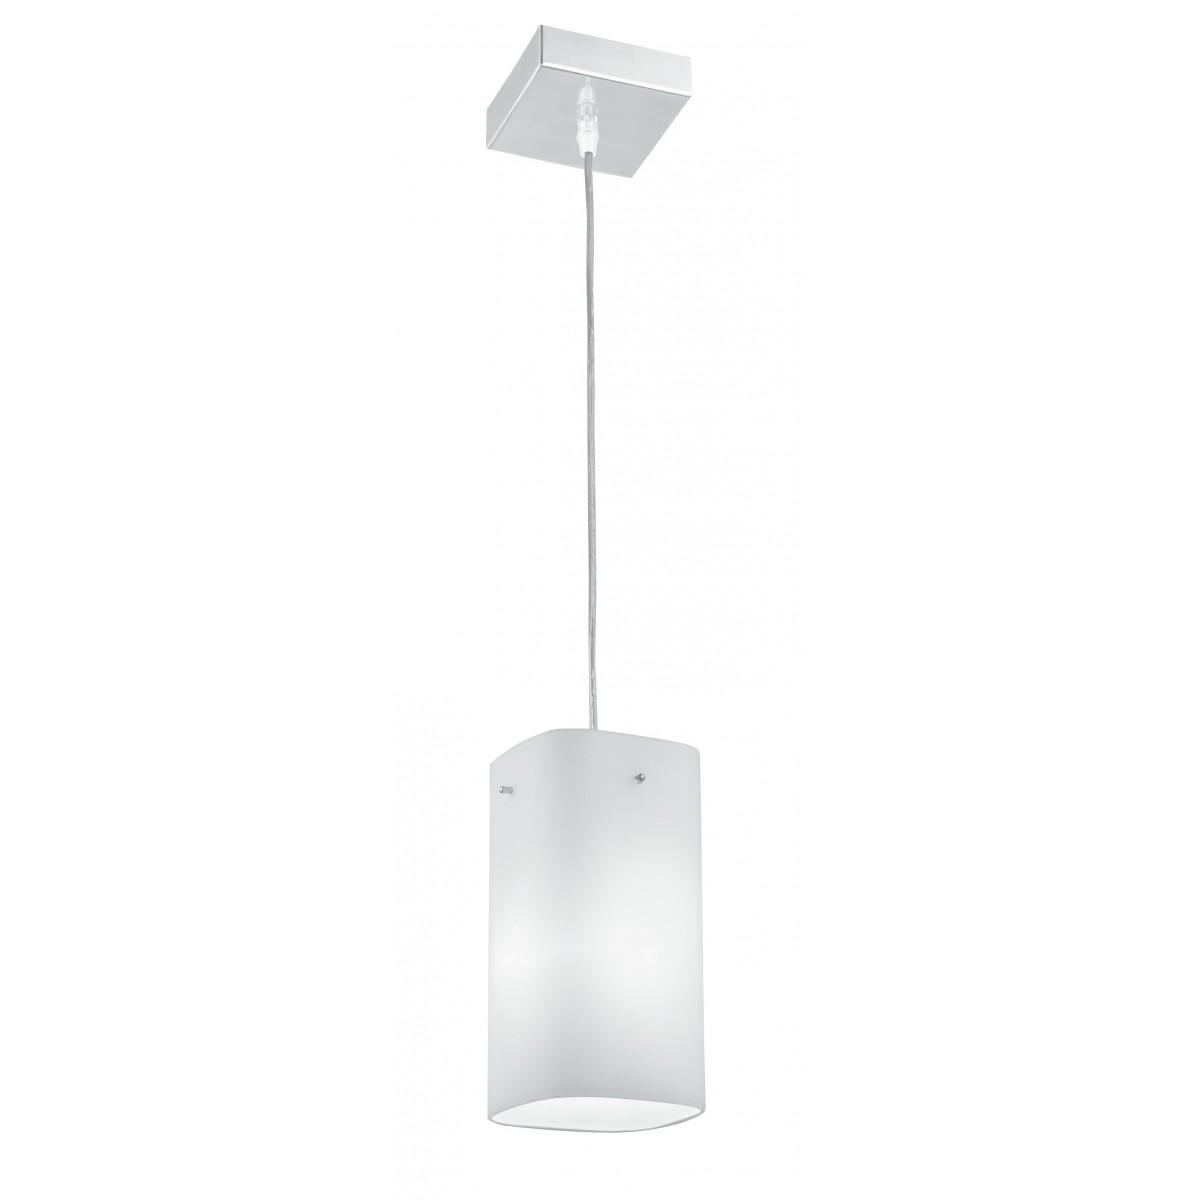 I-SQUARE / S1 - Abat-jour suspendu Suspension en verre blanc métal moderne E27